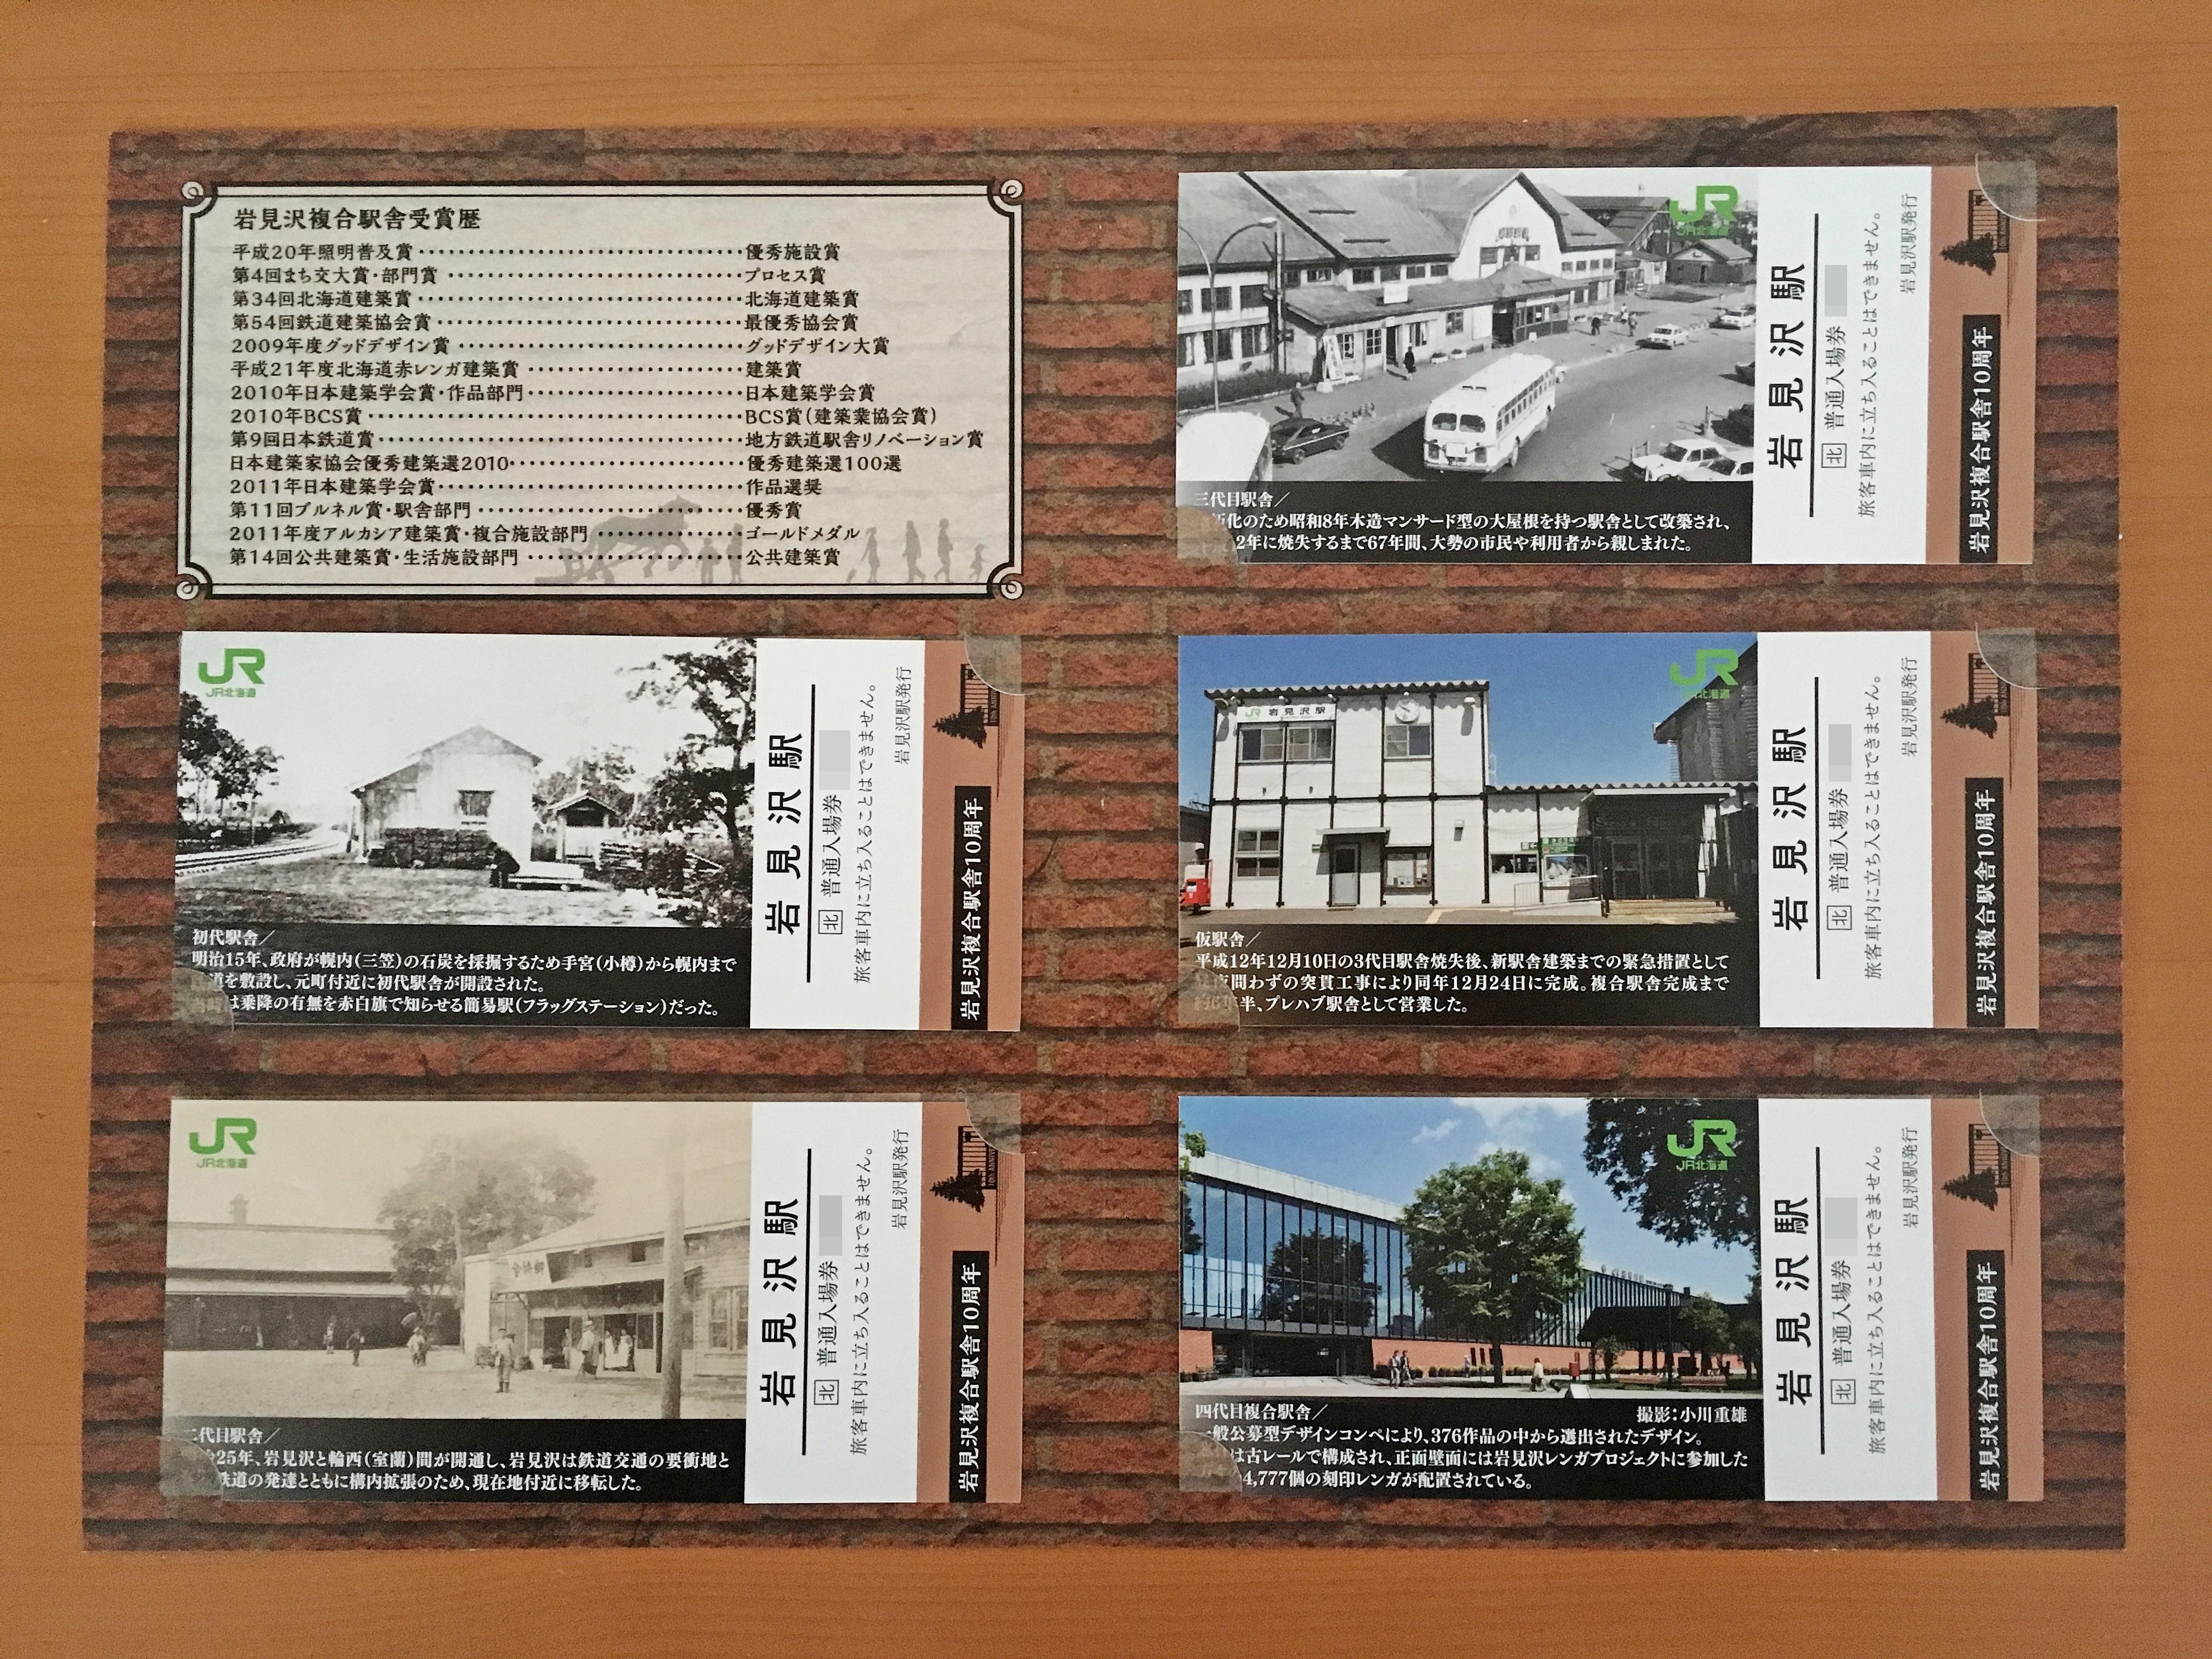 岩見沢駅複合駅舎 開業10周年記念入場券.JPG